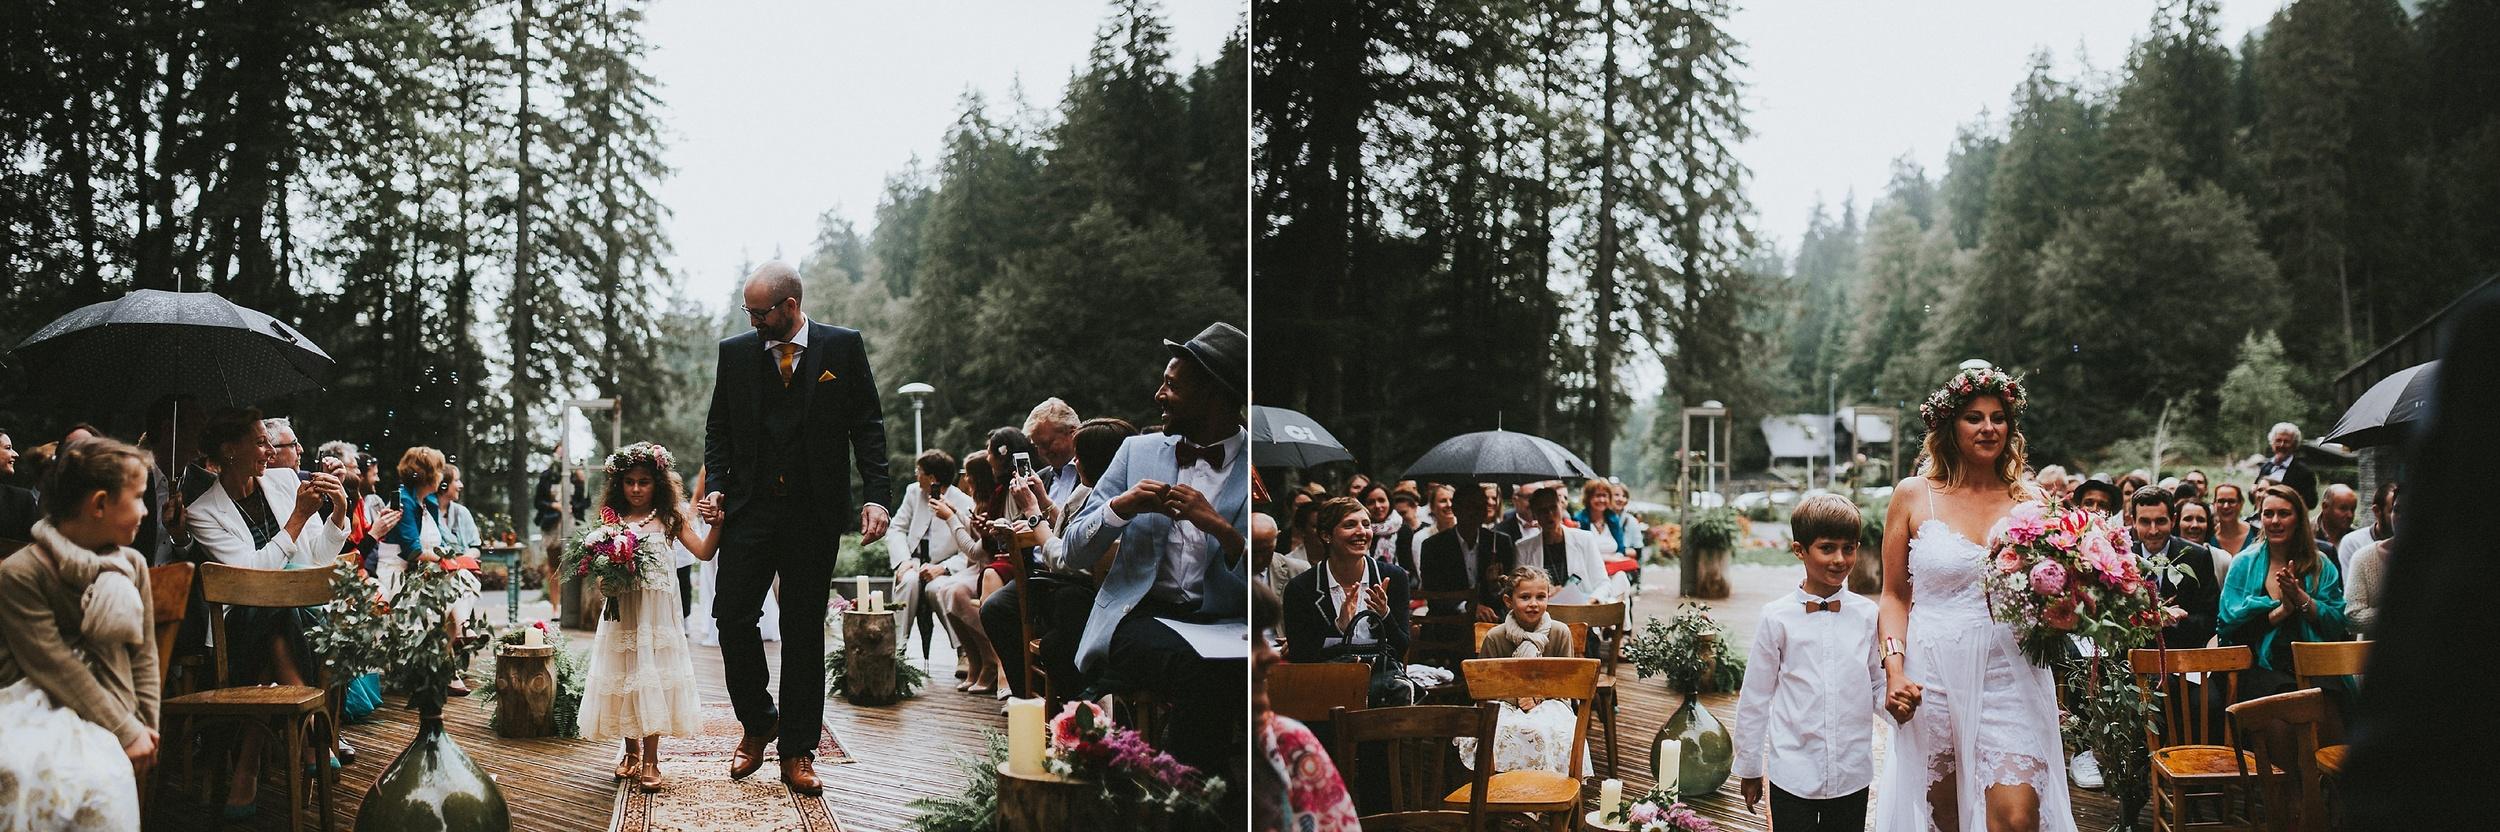 mariage-suisse-haute-savoie-domaine-baron-steven-bassillieaux-bordeaux-dordogne-wedding-photographe-17.jpg